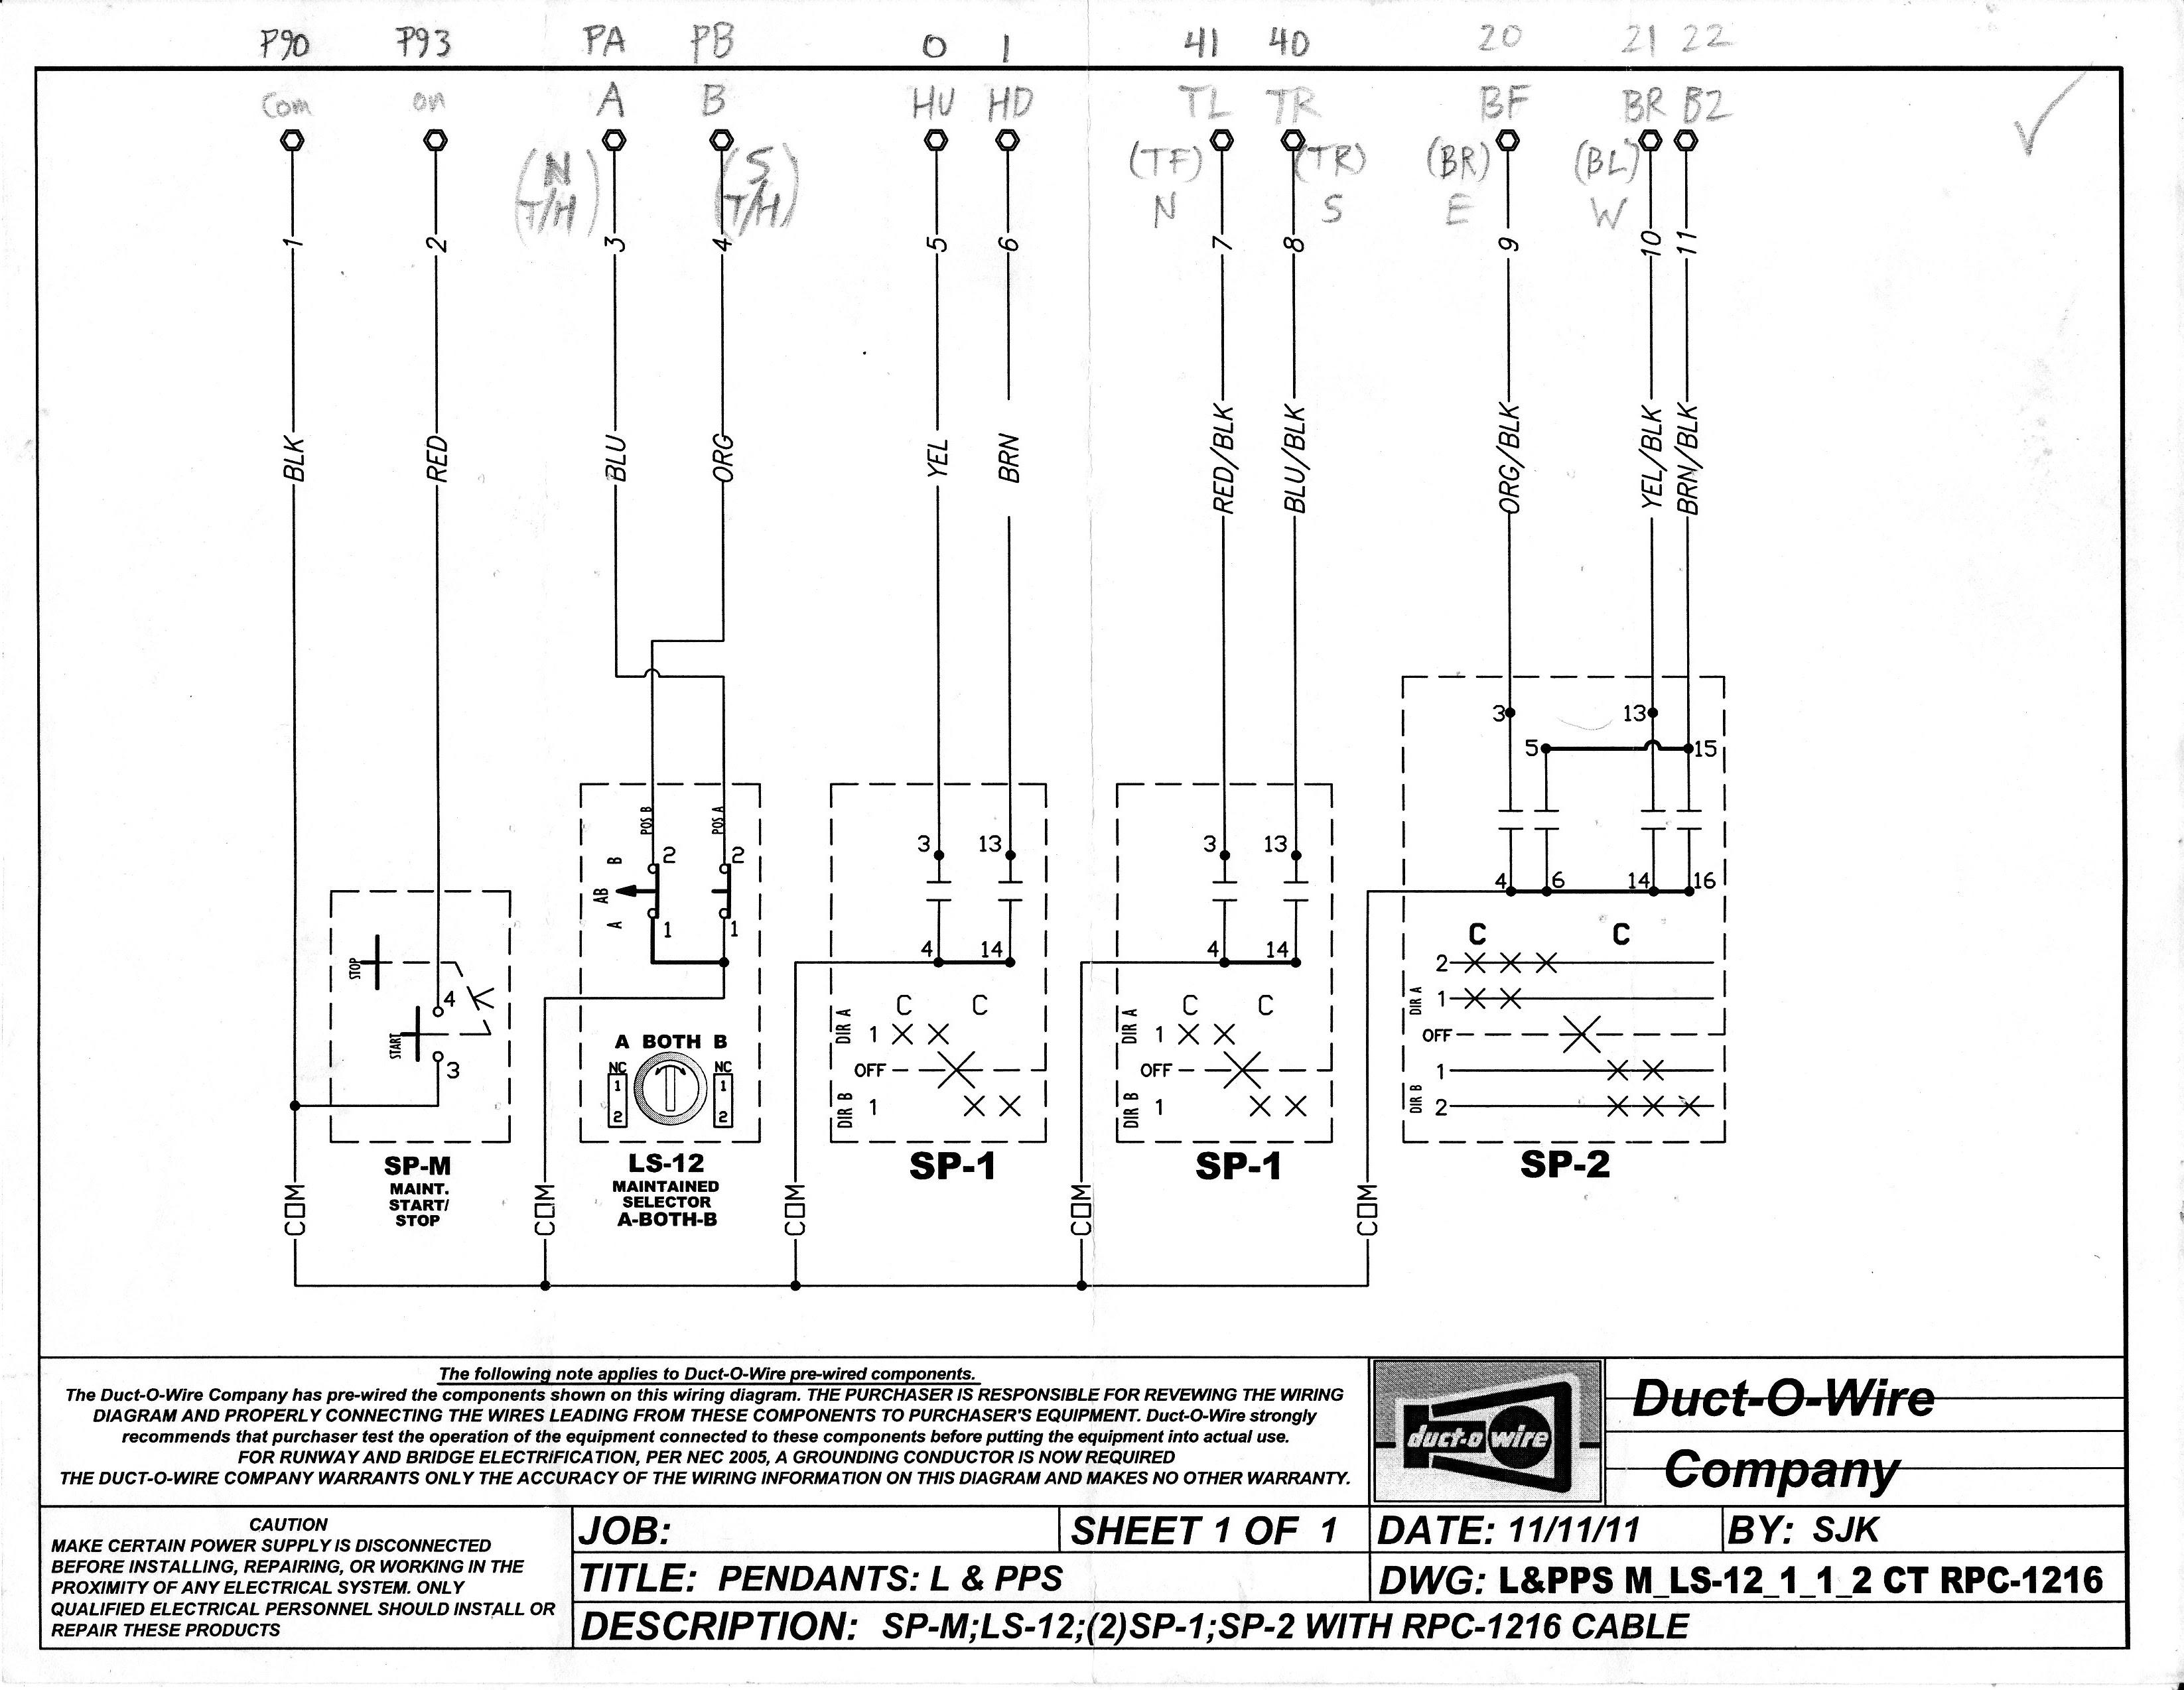 31 Crane Pendant Wiring Diagram